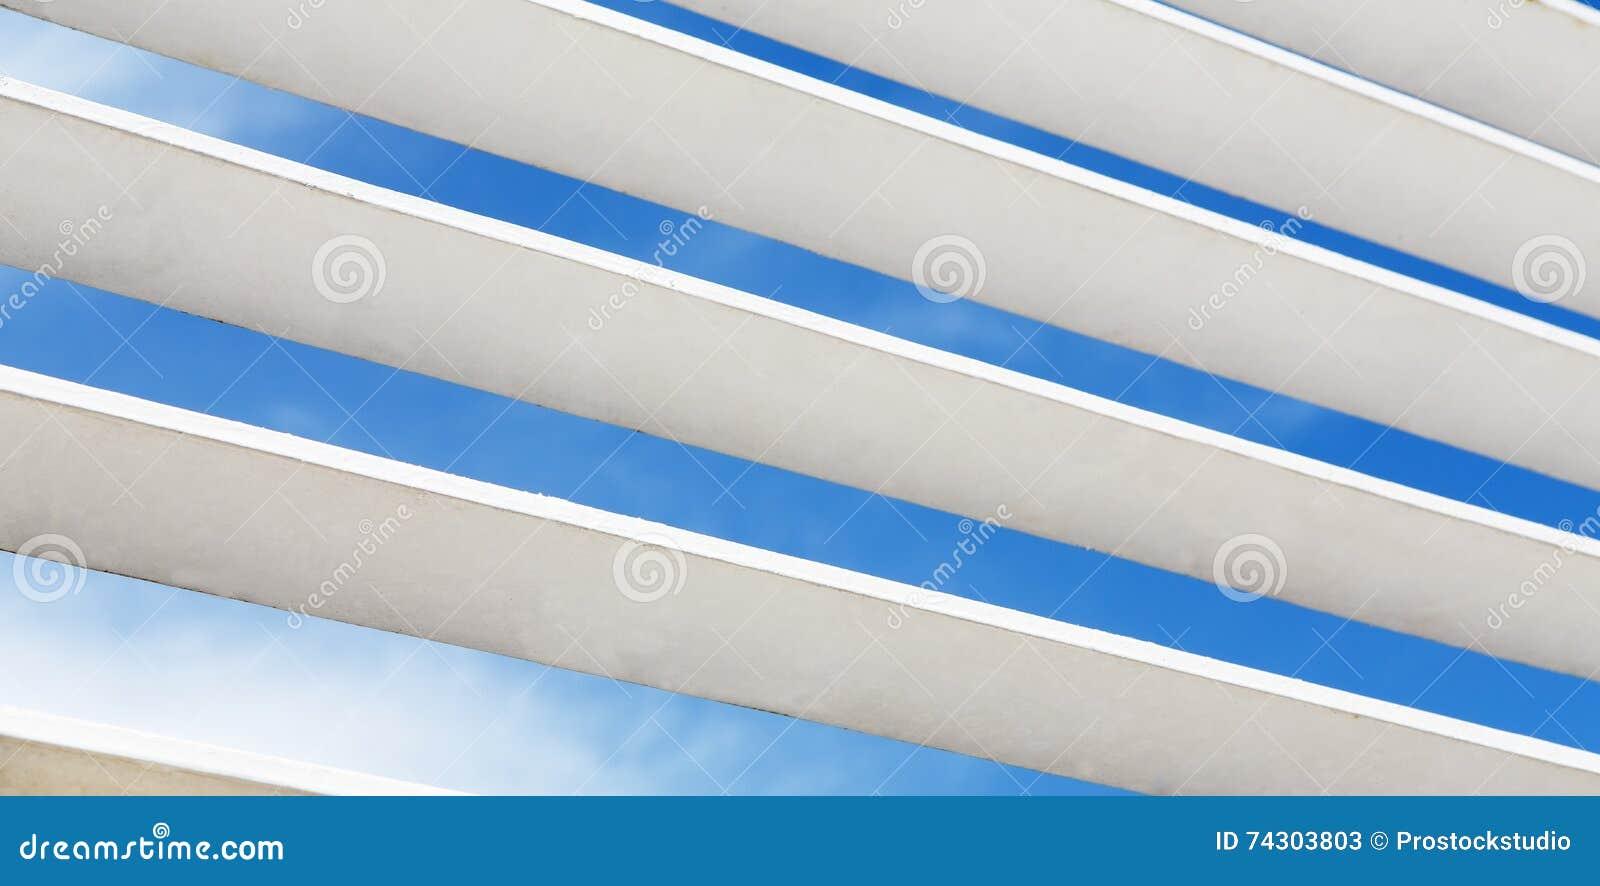 Άσπρο ξύλινο louver τεμάχιο παραθύρων με το ορατό εξωτερικό ουρανού